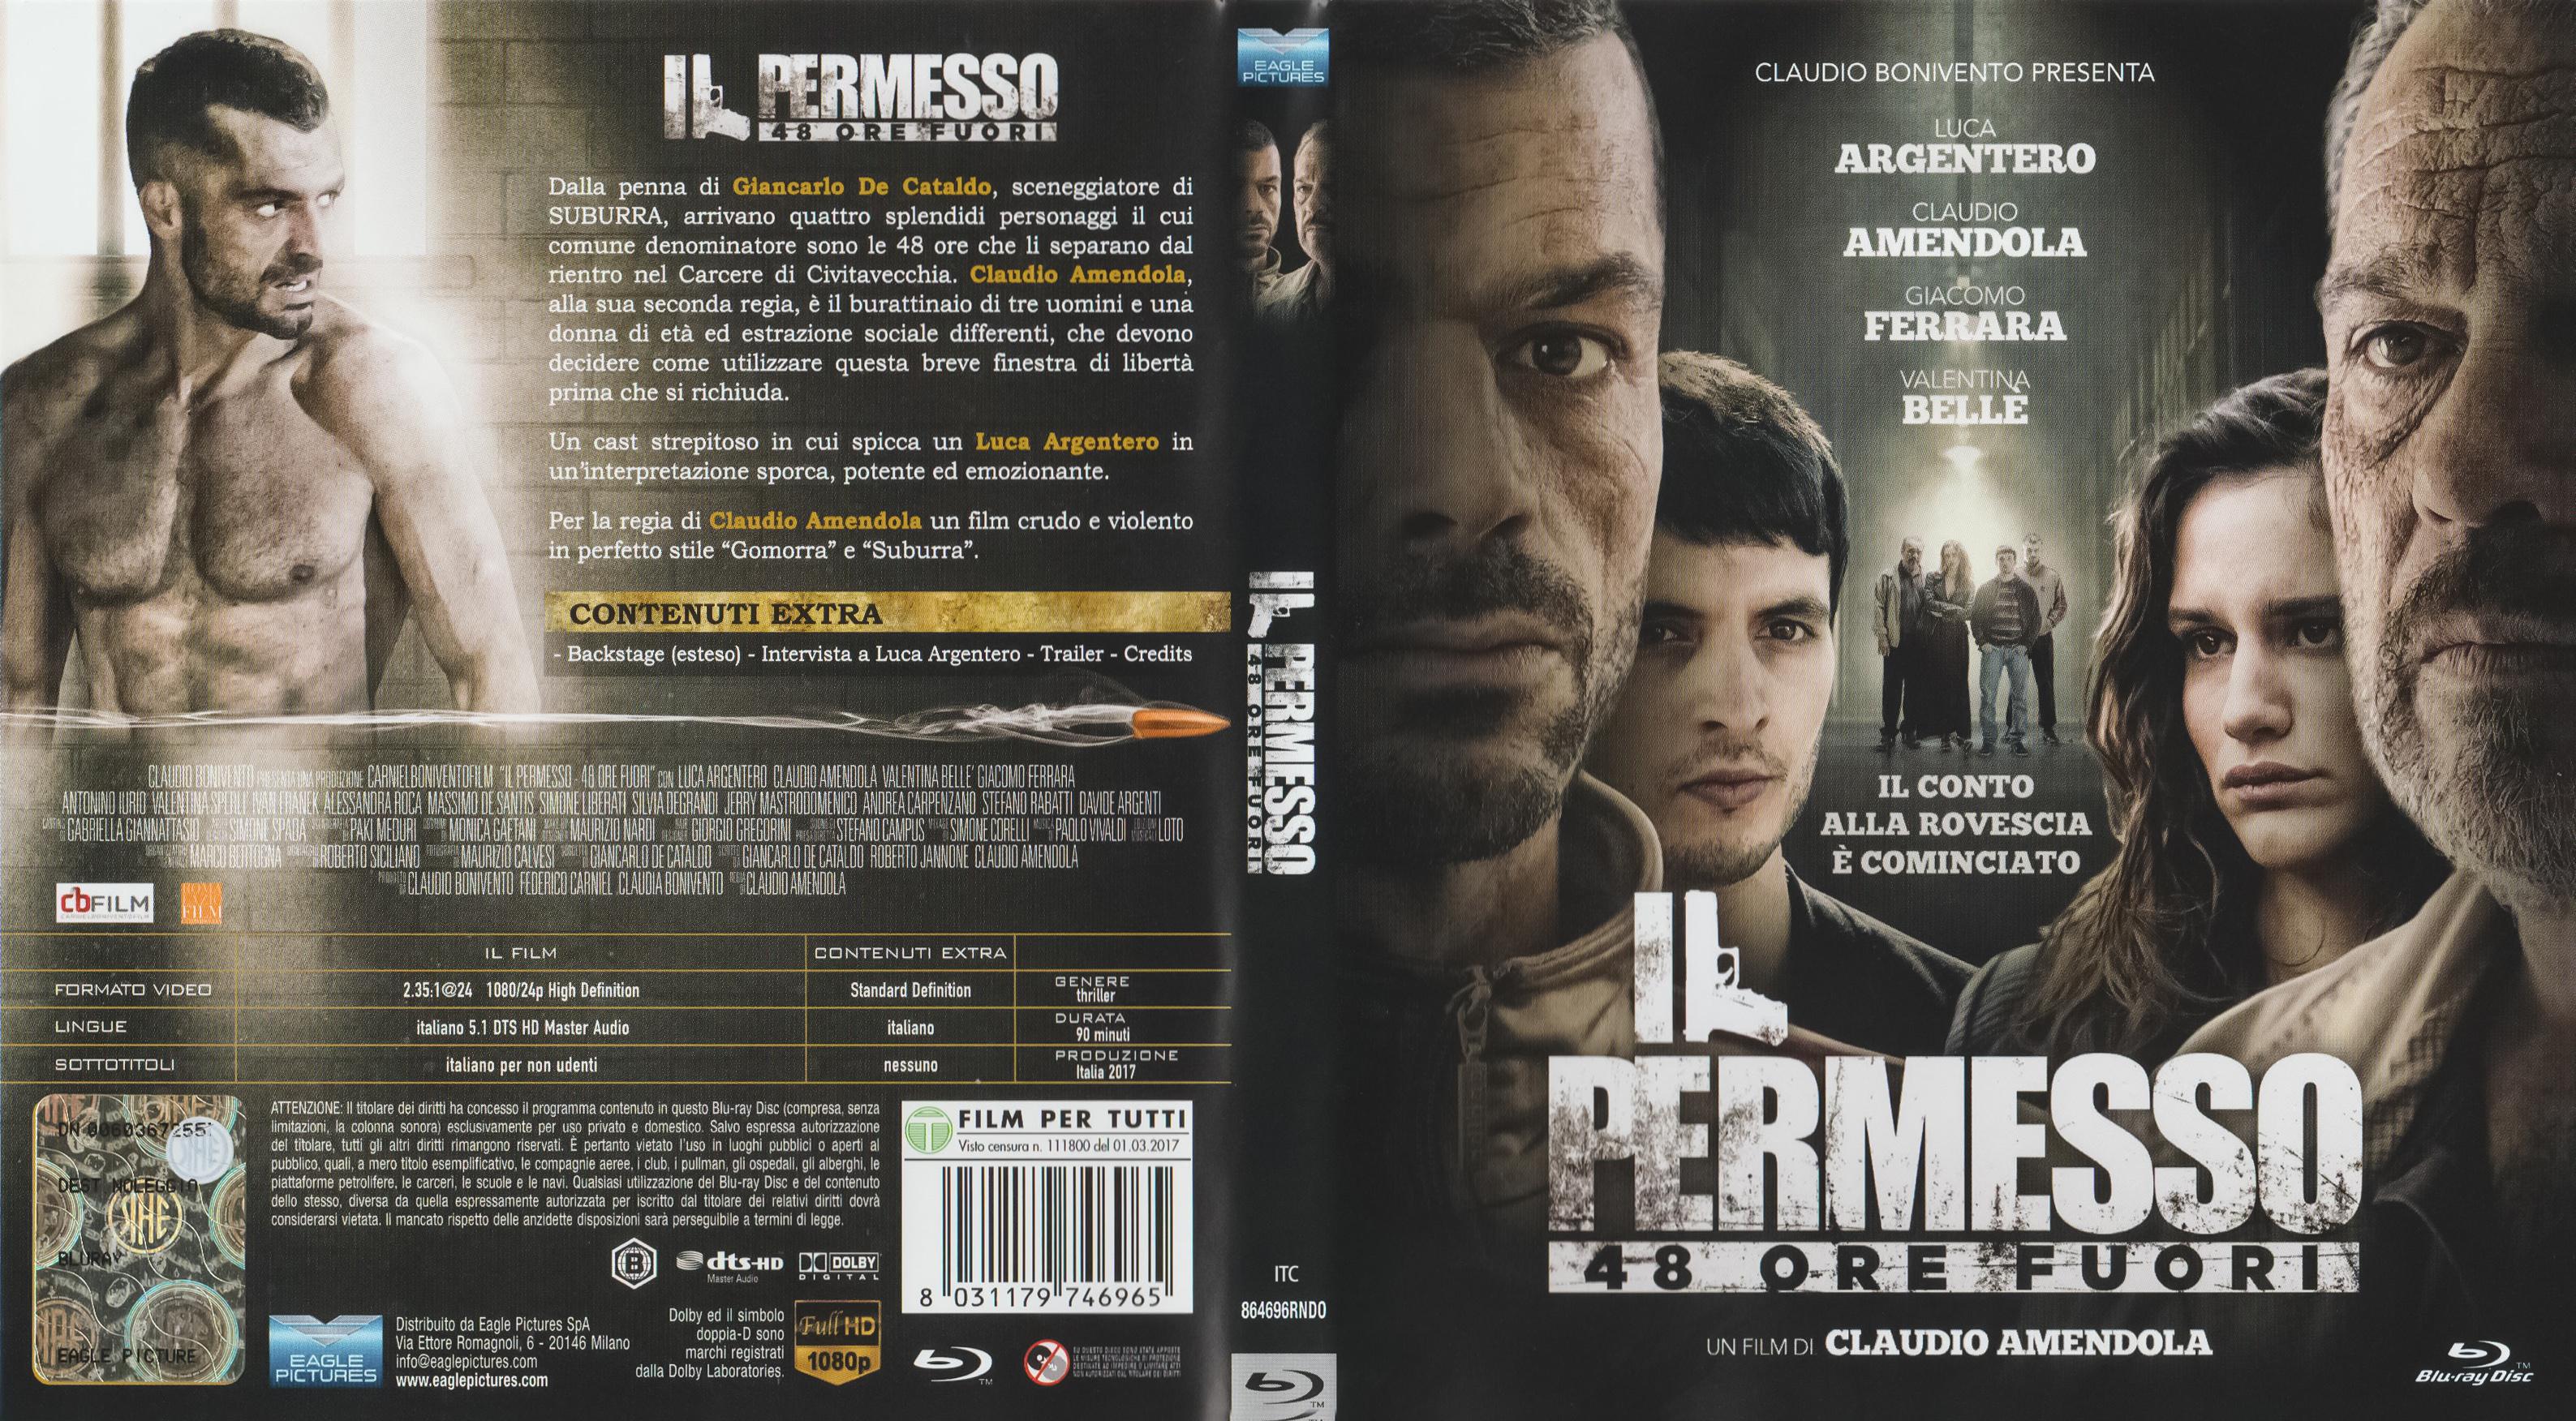 COVERS.BOX.SK ::: Il Permesso - 48 Ore Fuori (2017) - high quality ...